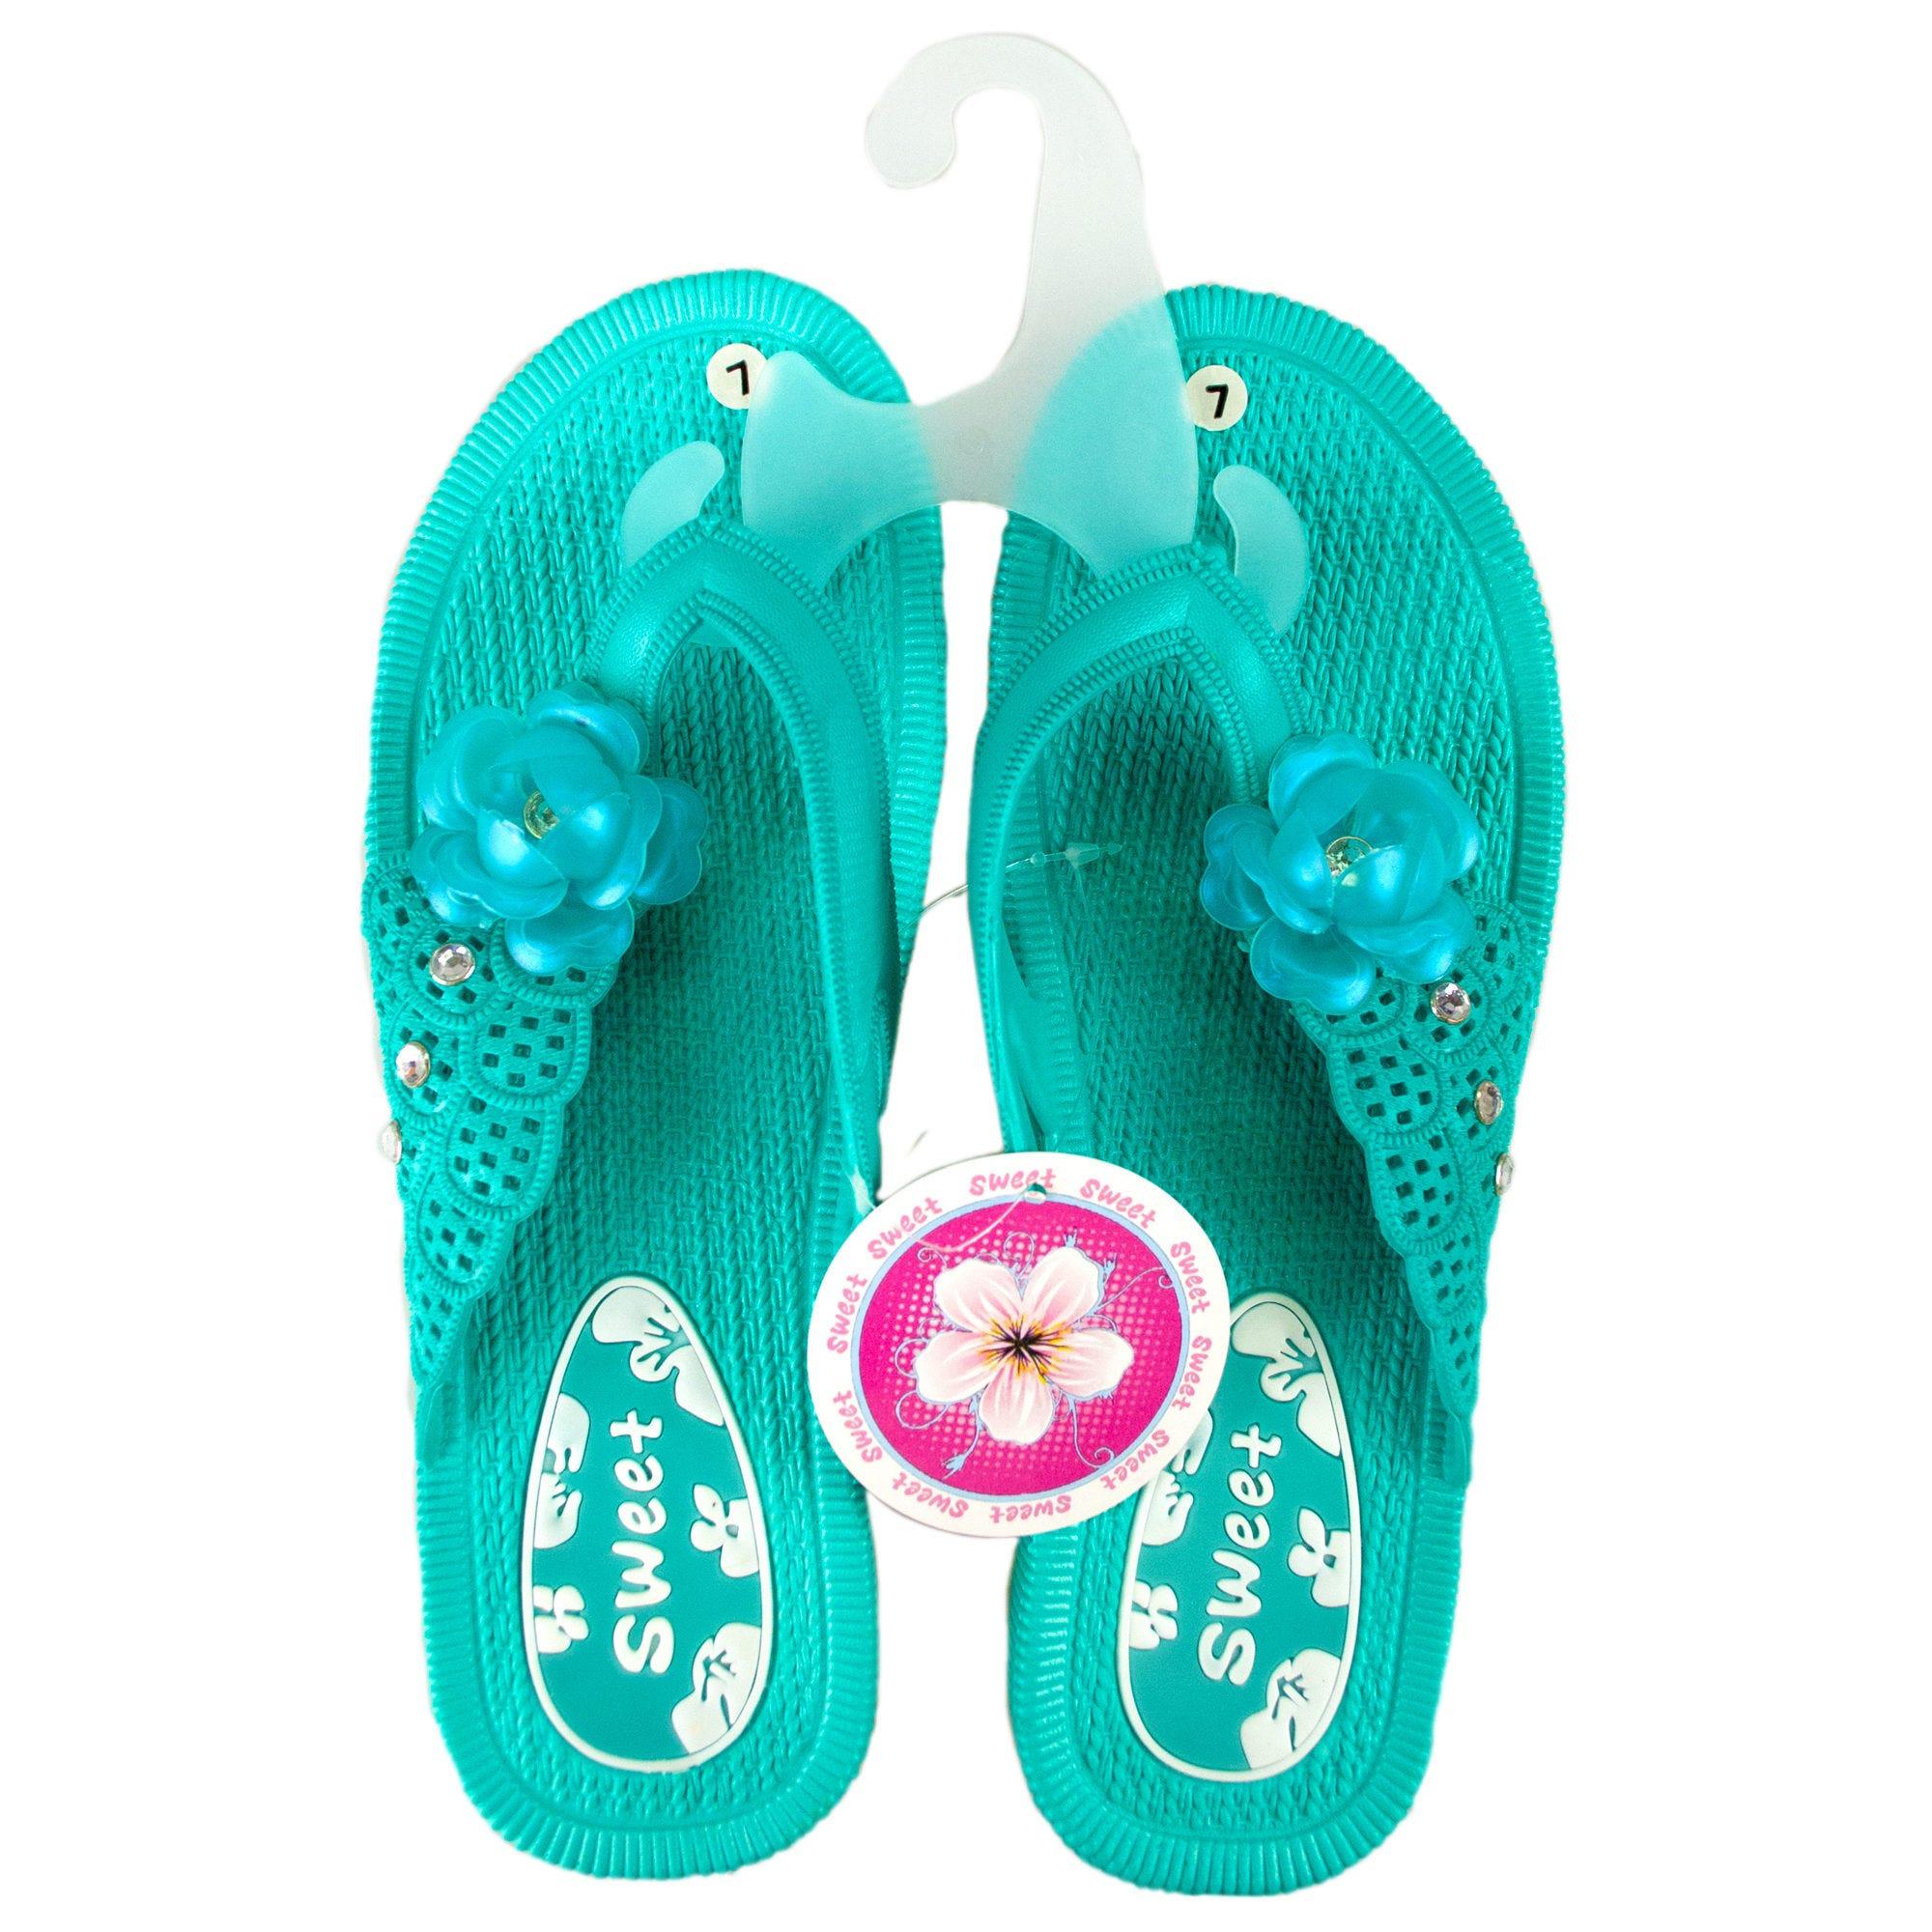 Women's Flower Flip Flop SANDALS - Asst  Colors Sizes 6-10- Qty 24